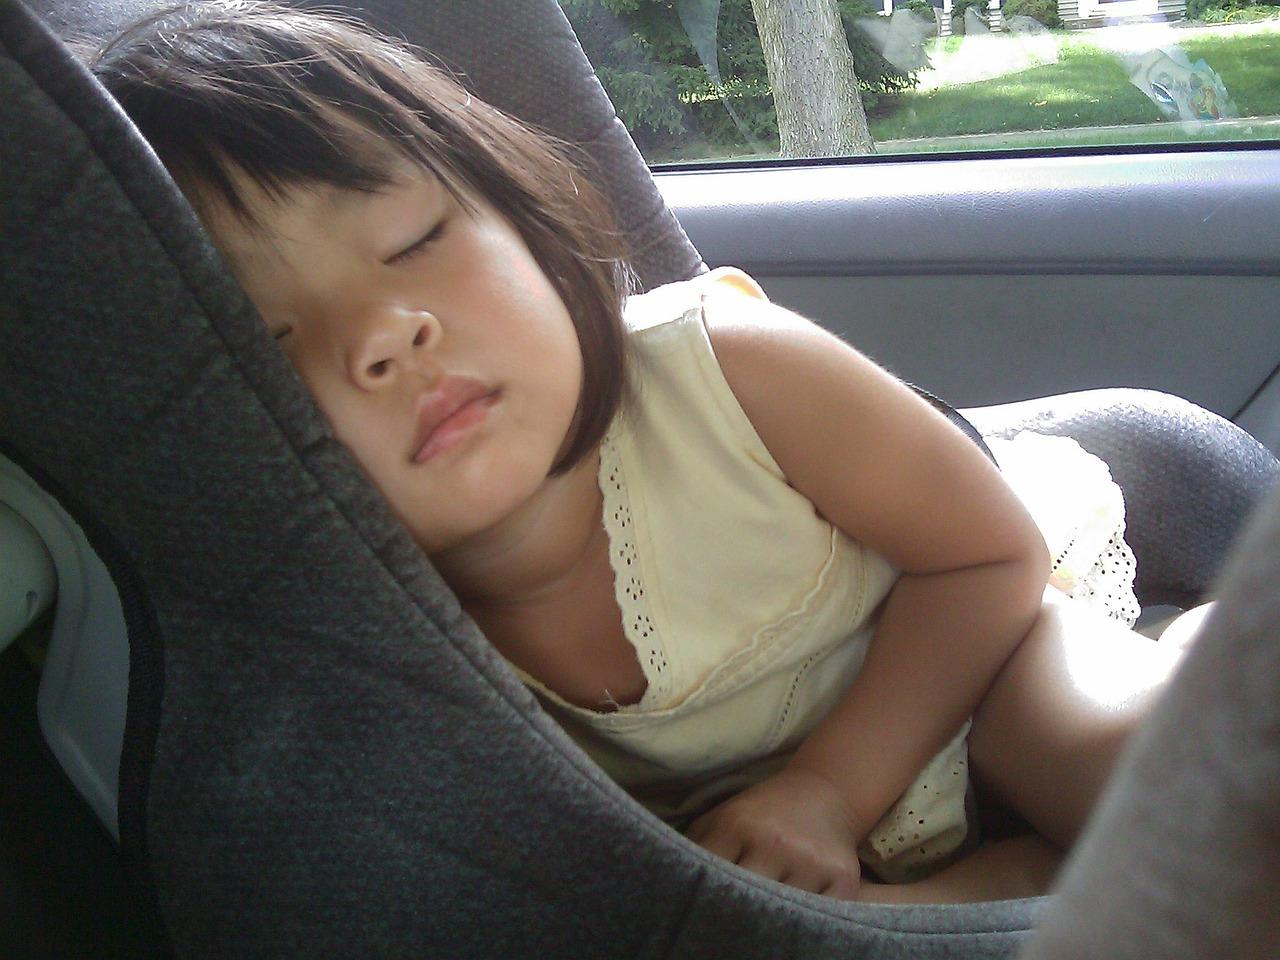 Ghid de alegere a scaunului de masina in functie de varsta copilului